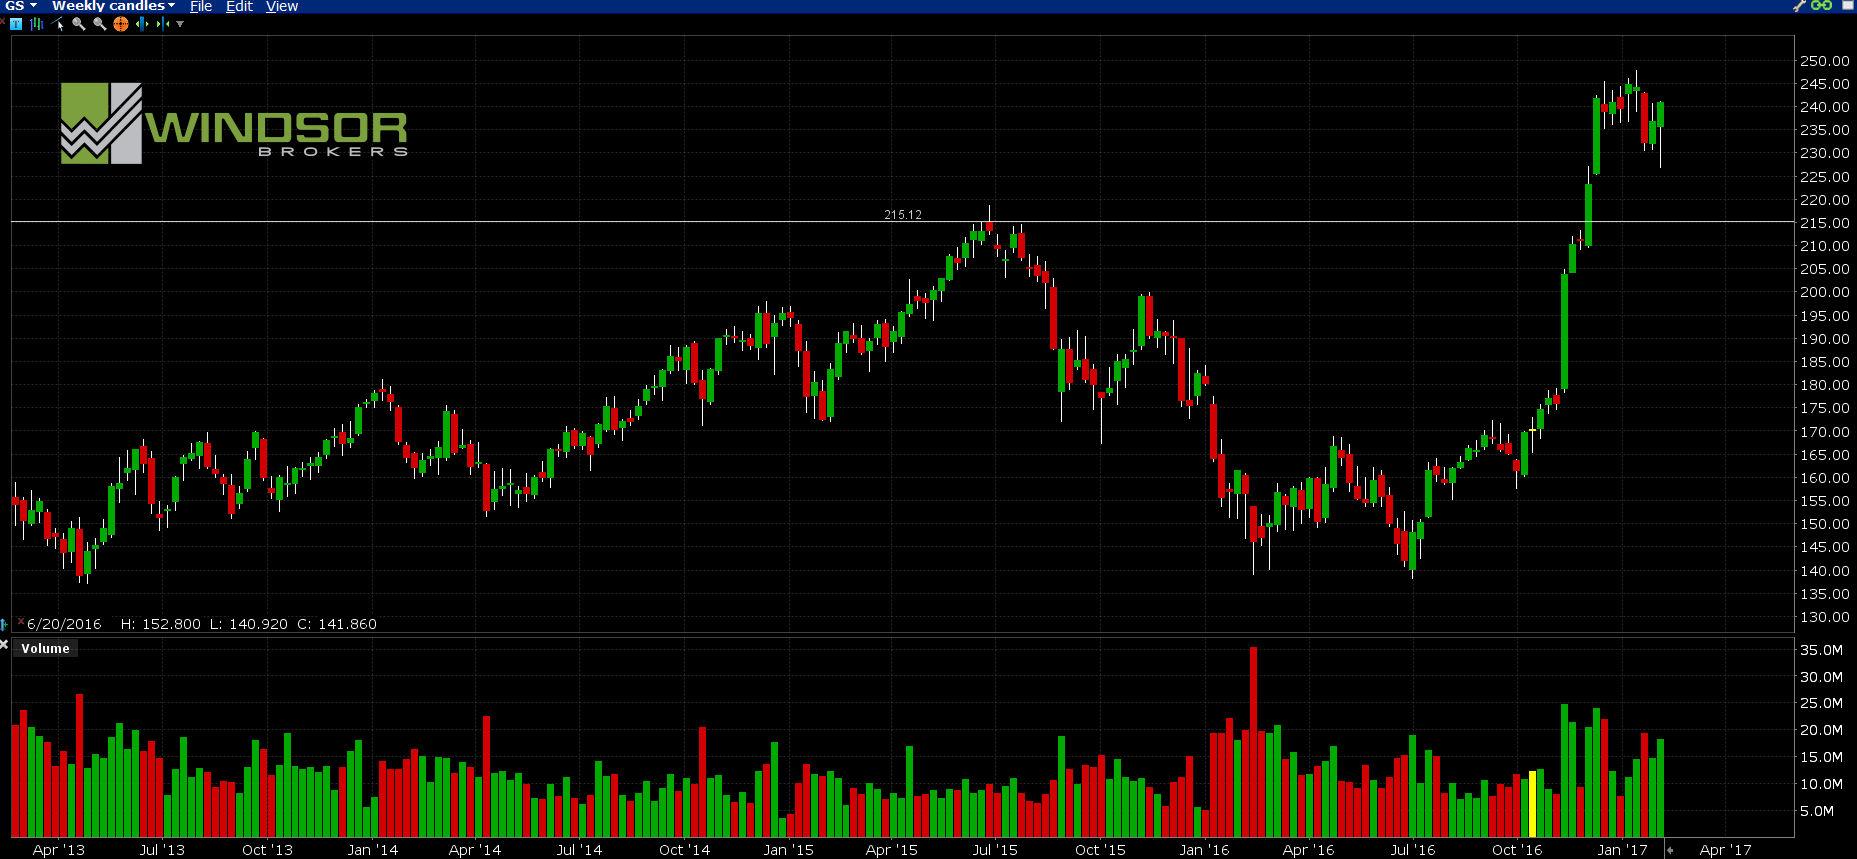 Wykres spółki Goldman Sachs.